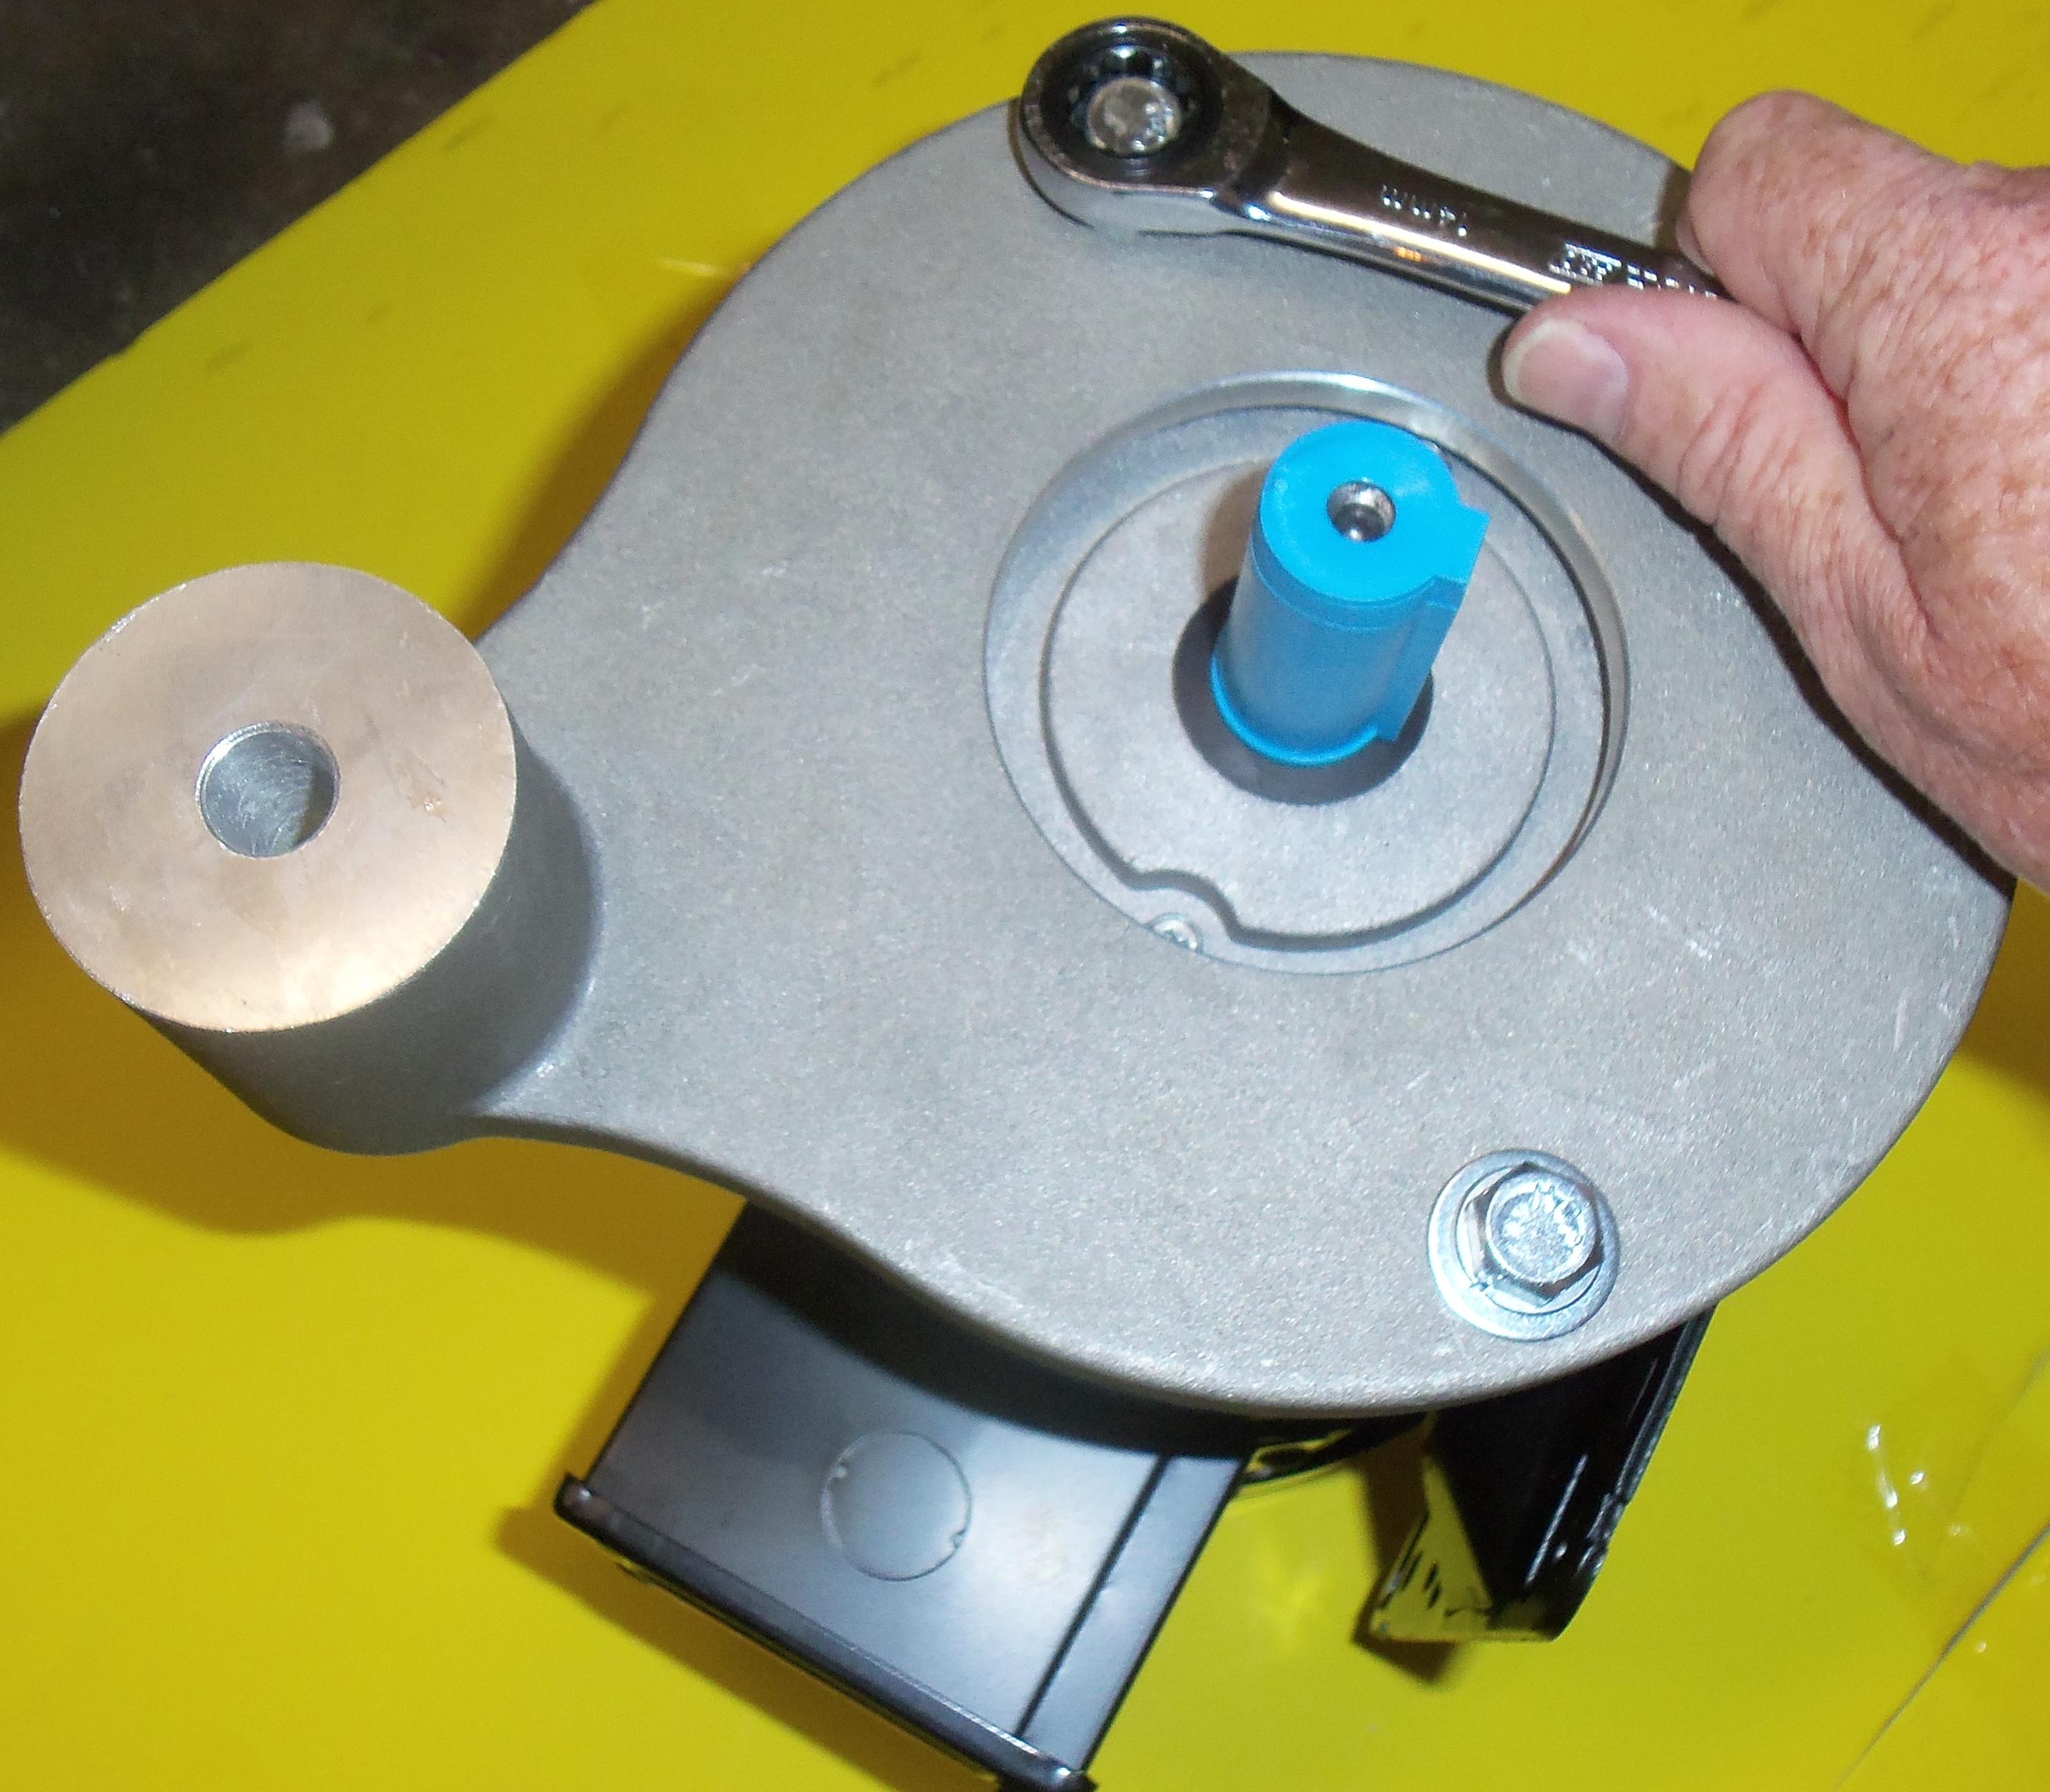 Tighten motor bolts